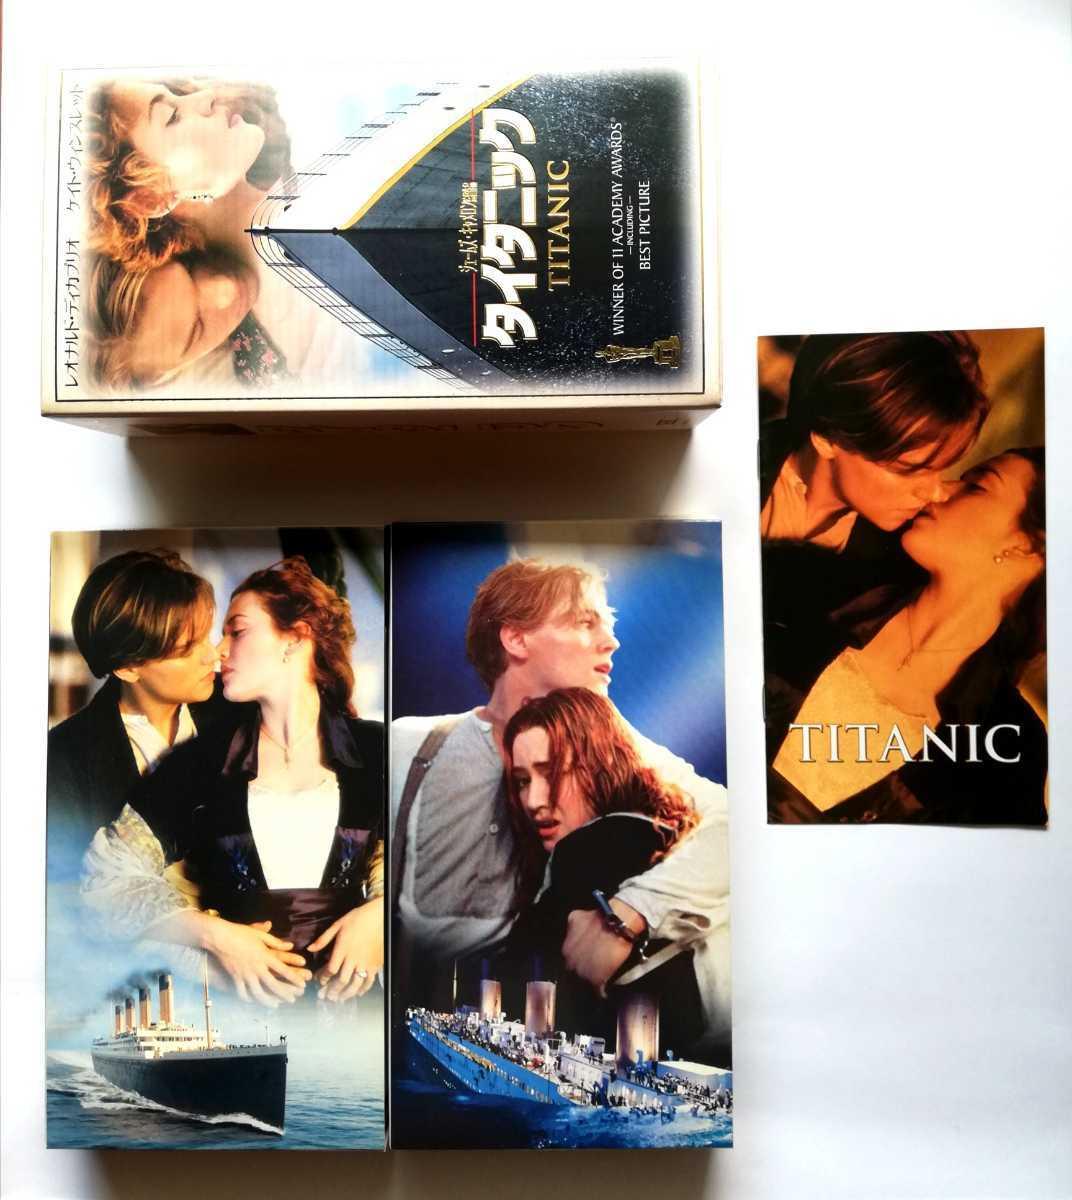 タイタニック TITANIC ゴースト カサブランカ まとめてお得♪ ジェームズ・キャメロン レオナルド・ディカプリオ VHS ビデオテープ_画像4